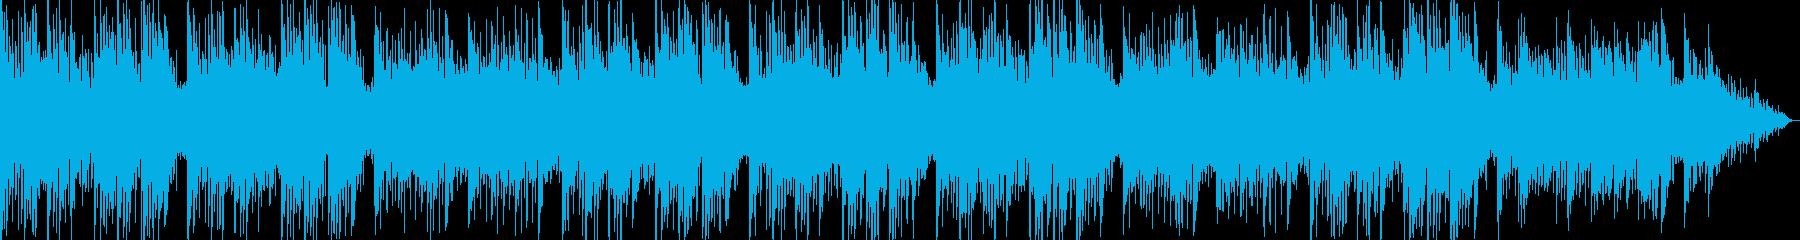 ピアノの旋律がきれいなバラードの再生済みの波形